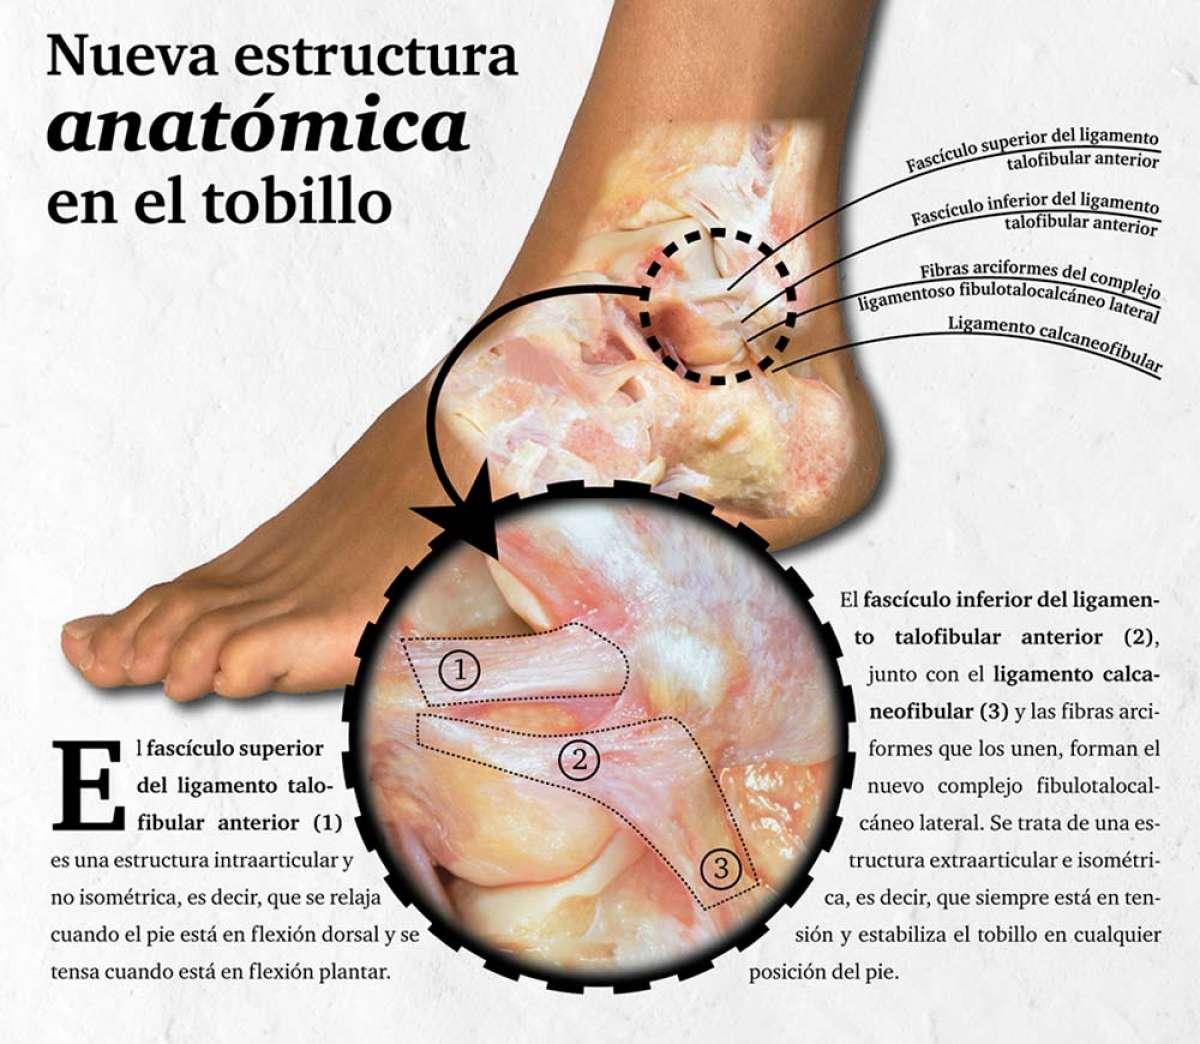 Descubierto un ligamento en el tobillo que podría explicar por qué algunos esguinces presentan dolor crónico